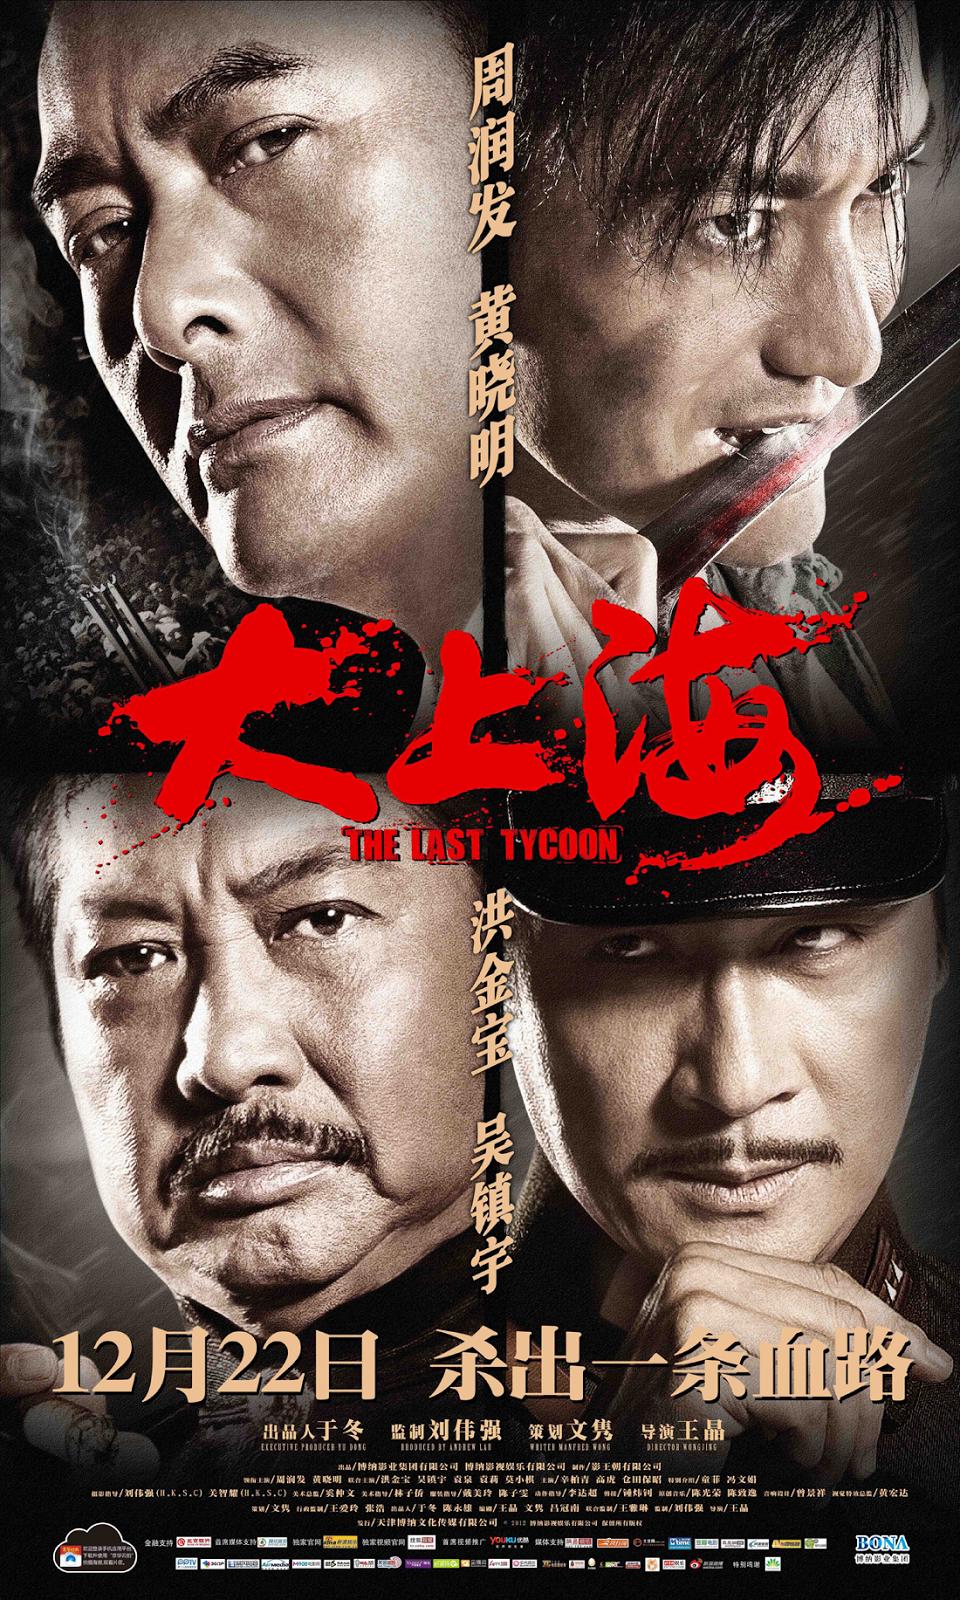 Thủ Lĩnh Cuối Cùng - The Last Tycoon - 2012